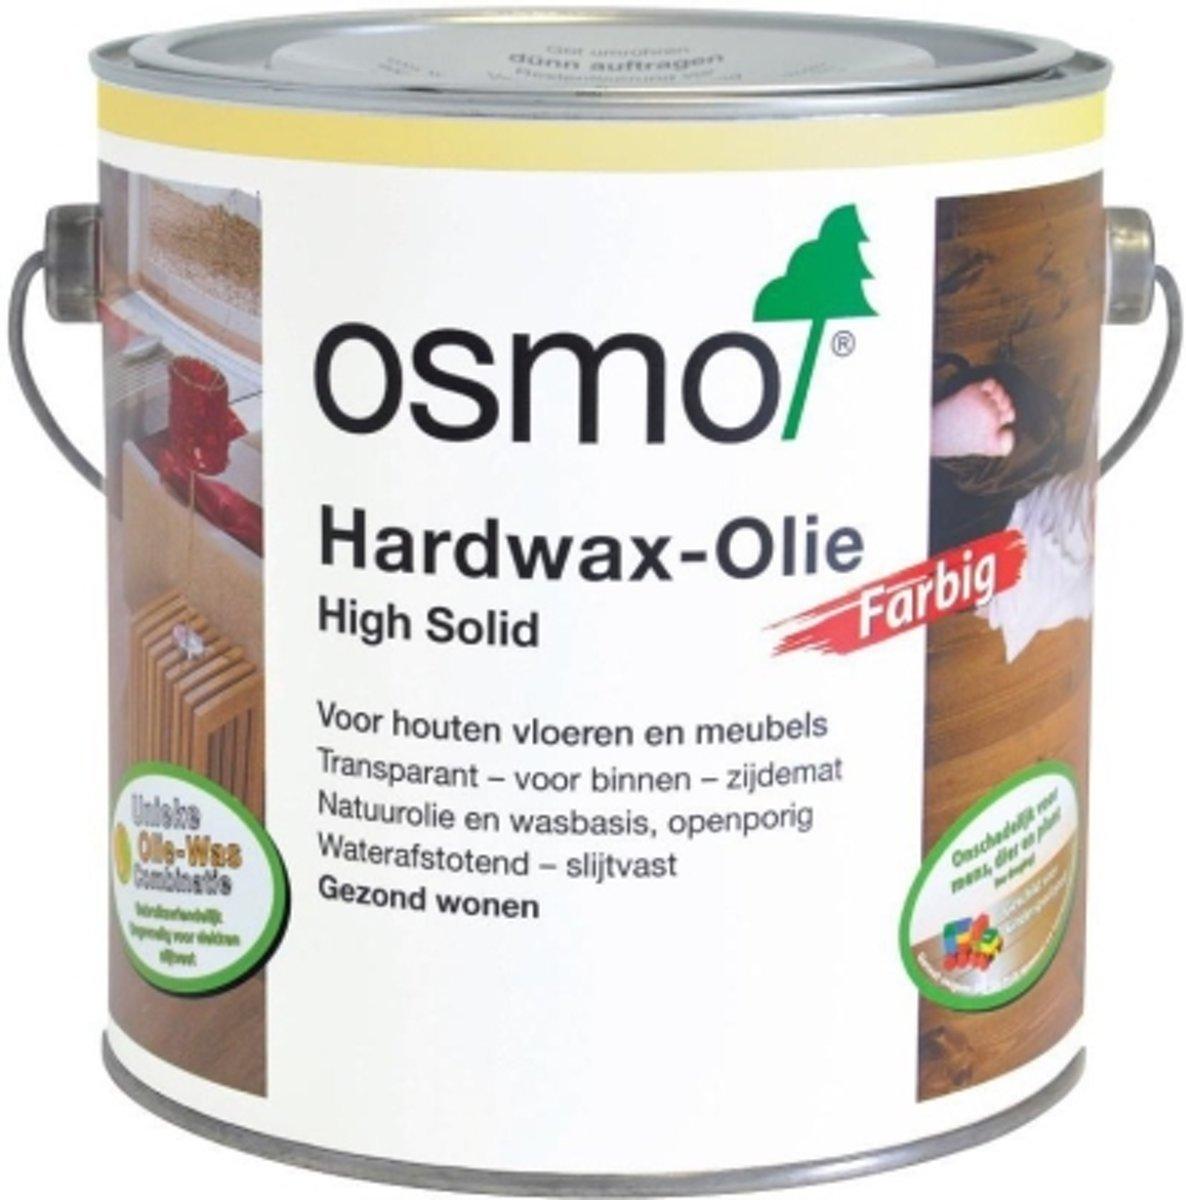 Osmo hardwax-olie 3091 zilver 0,75 liter kopen